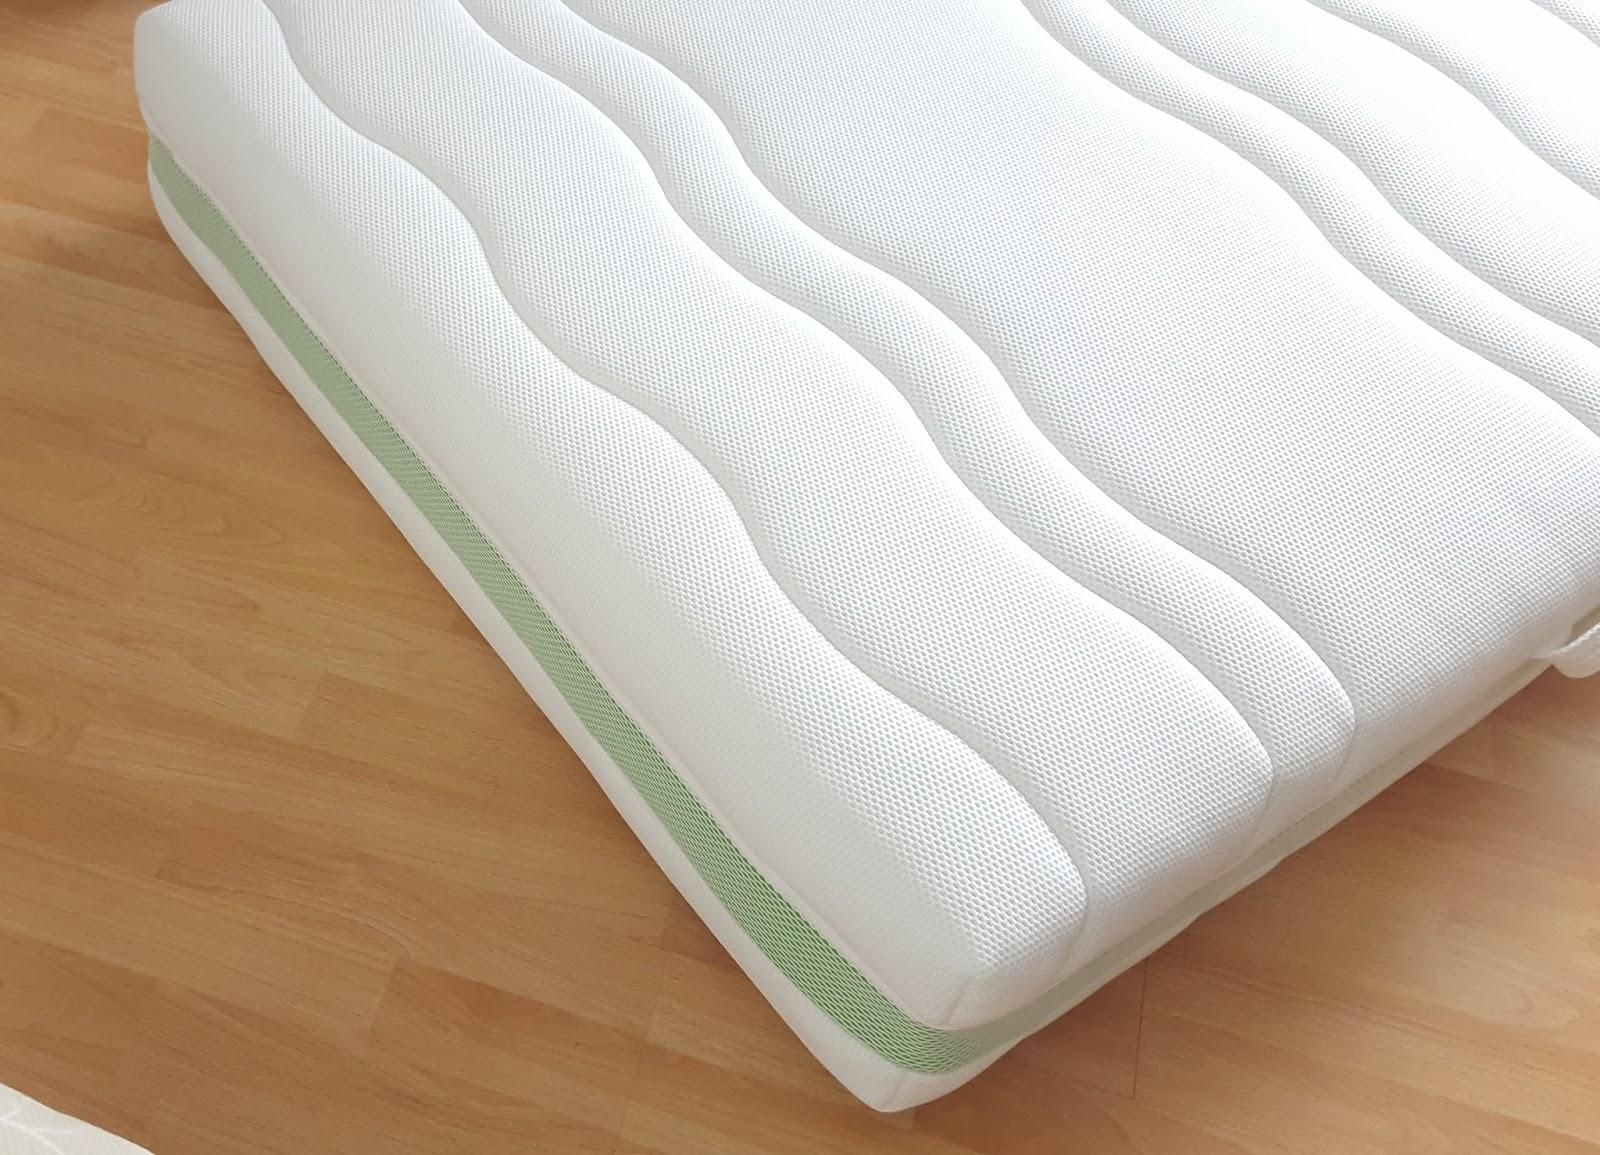 worauf achten beim matratzenkauf worauf achten beim. Black Bedroom Furniture Sets. Home Design Ideas